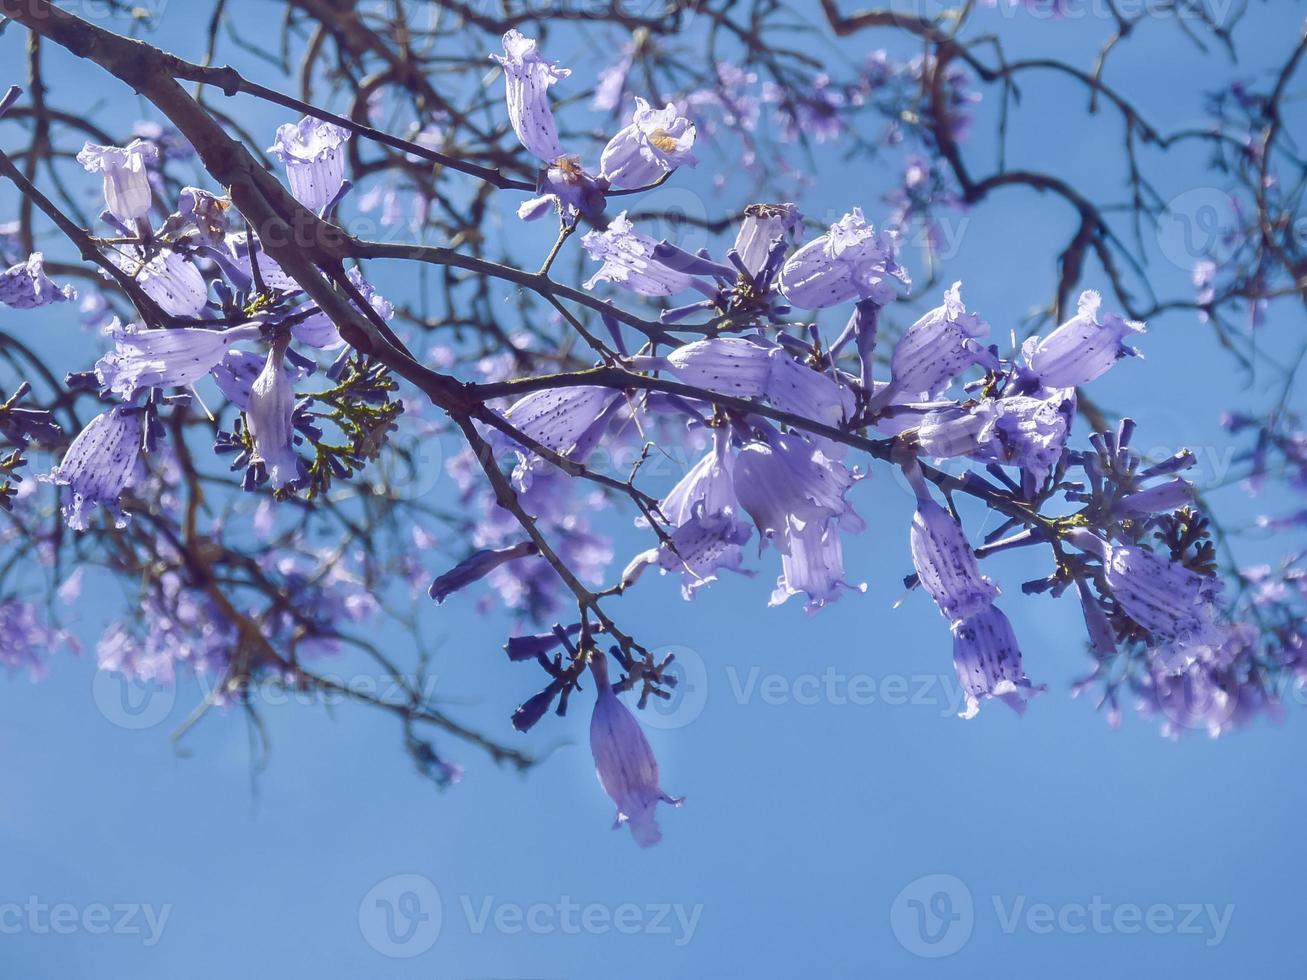 violetta blommor mot blå himmel foto